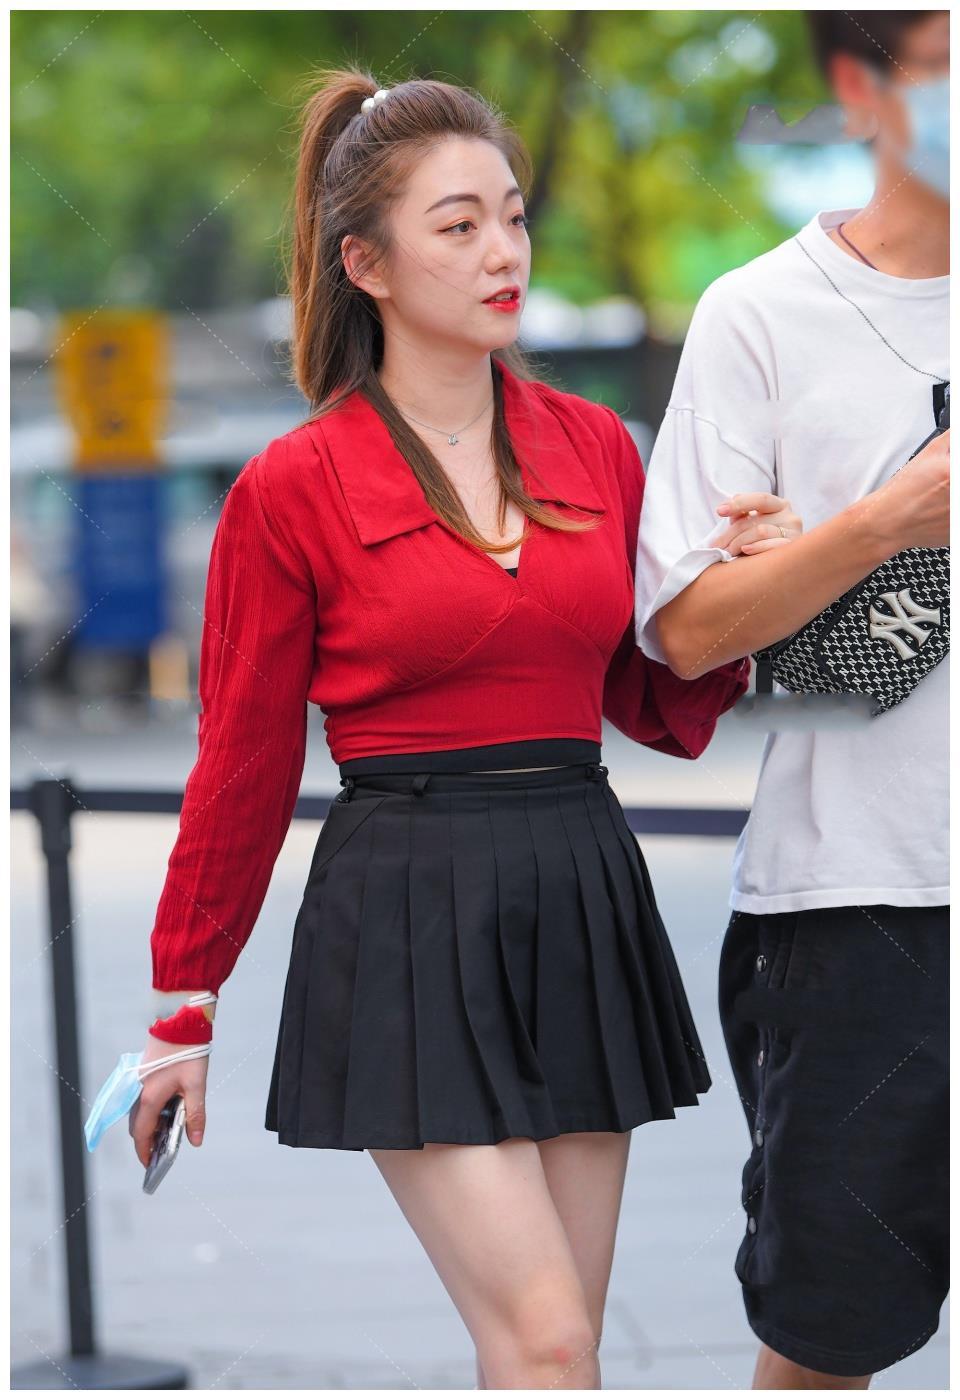 黑色百褶裙该如何选择上衣, 红色长袖衫是个不错的选择